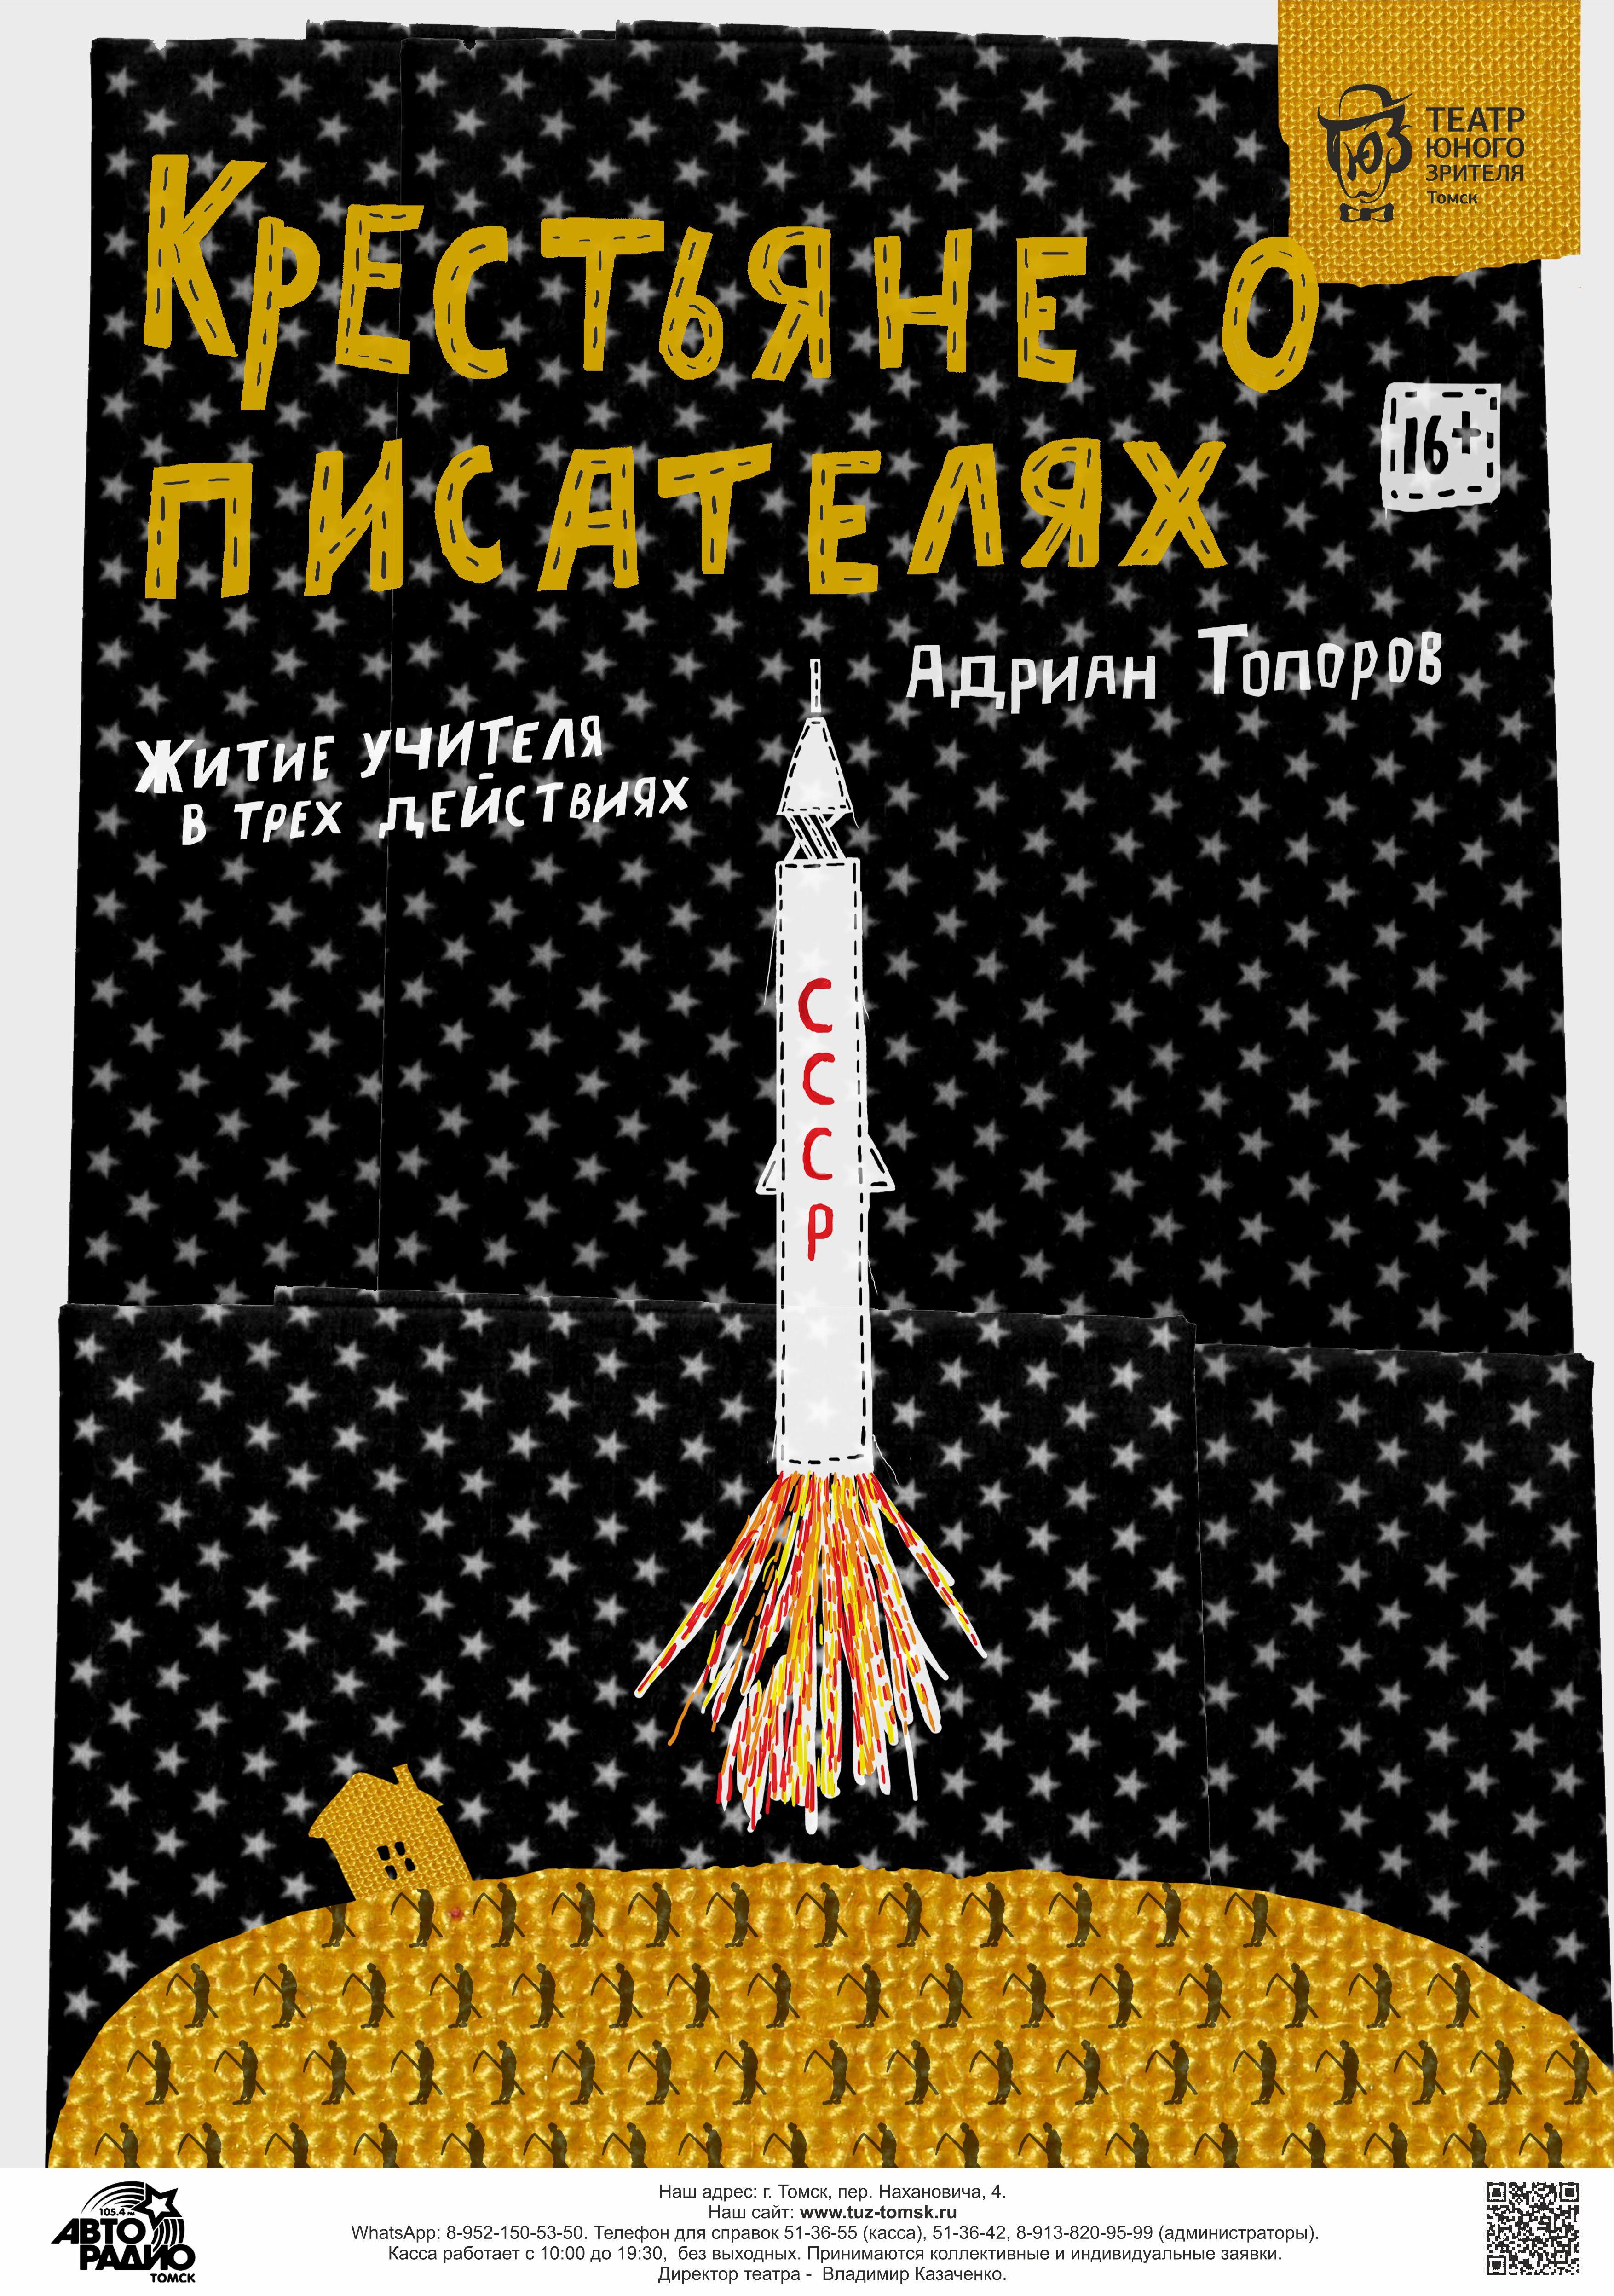 Изображение афиши спектакля «Крестьяне о писателях» с сайта tuz-tomsk.ru